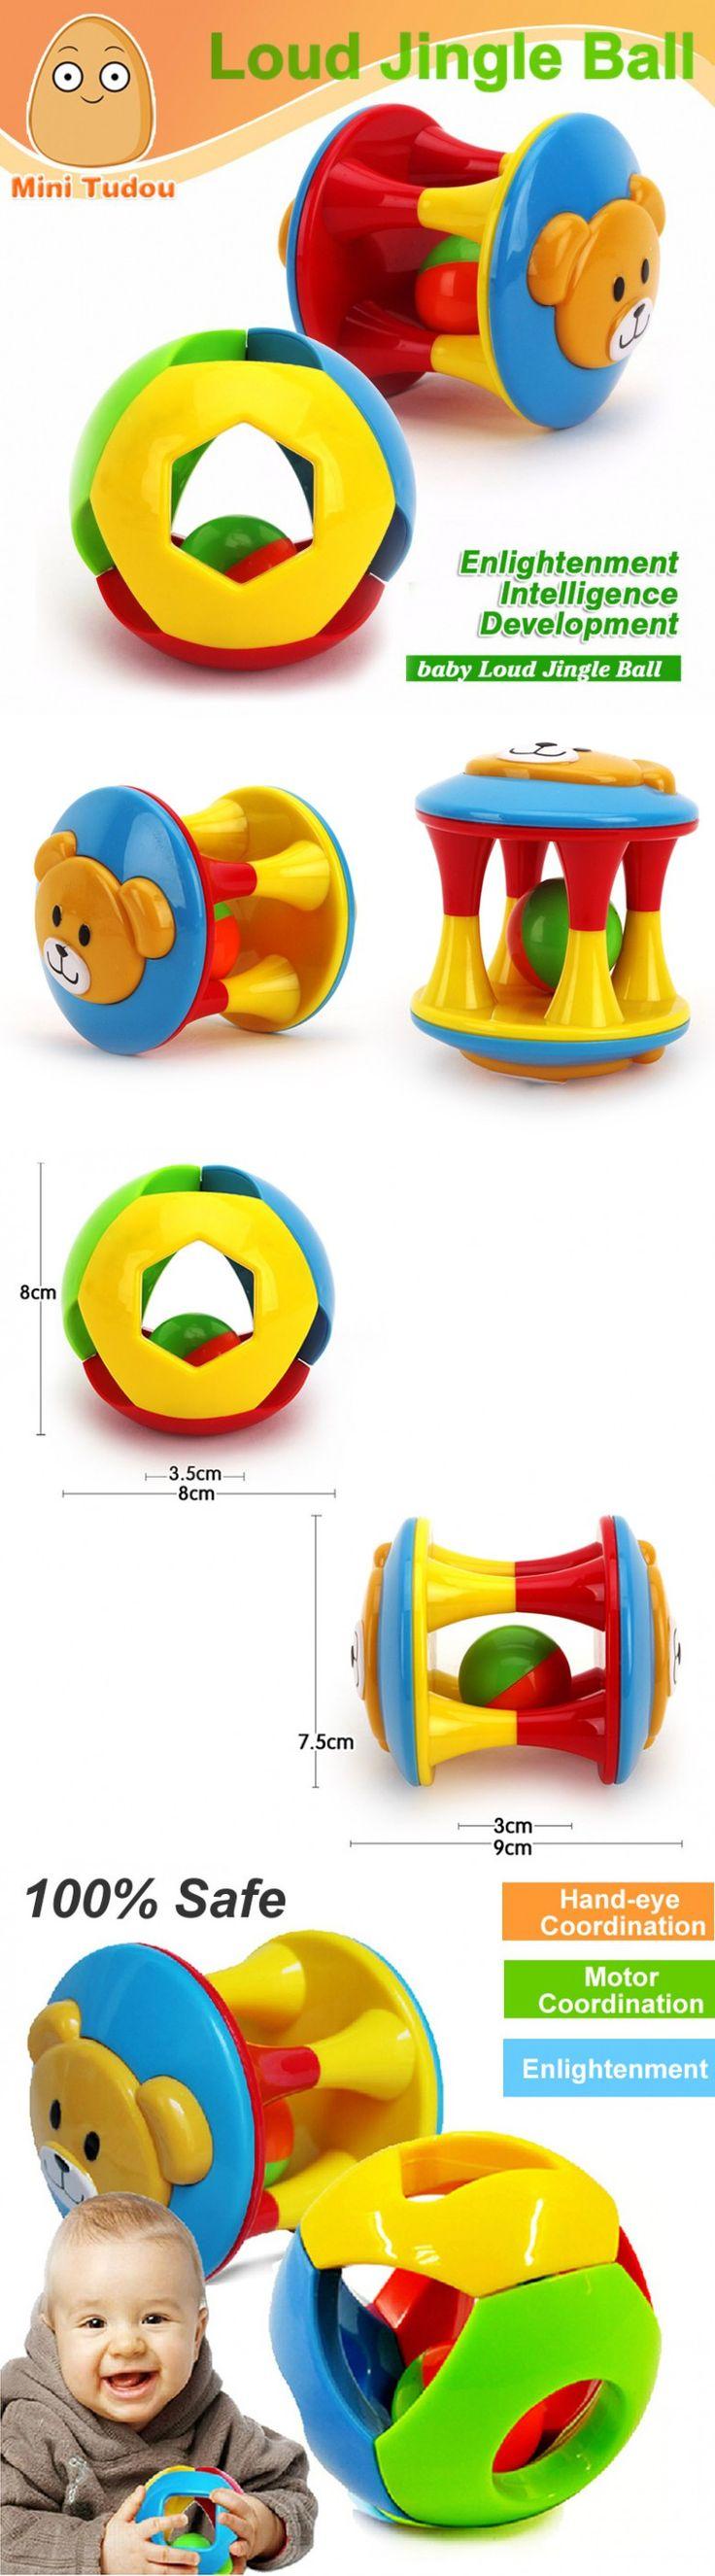 Les 25 meilleures idées de jouets éducatifs pour bébés sur Pinterest